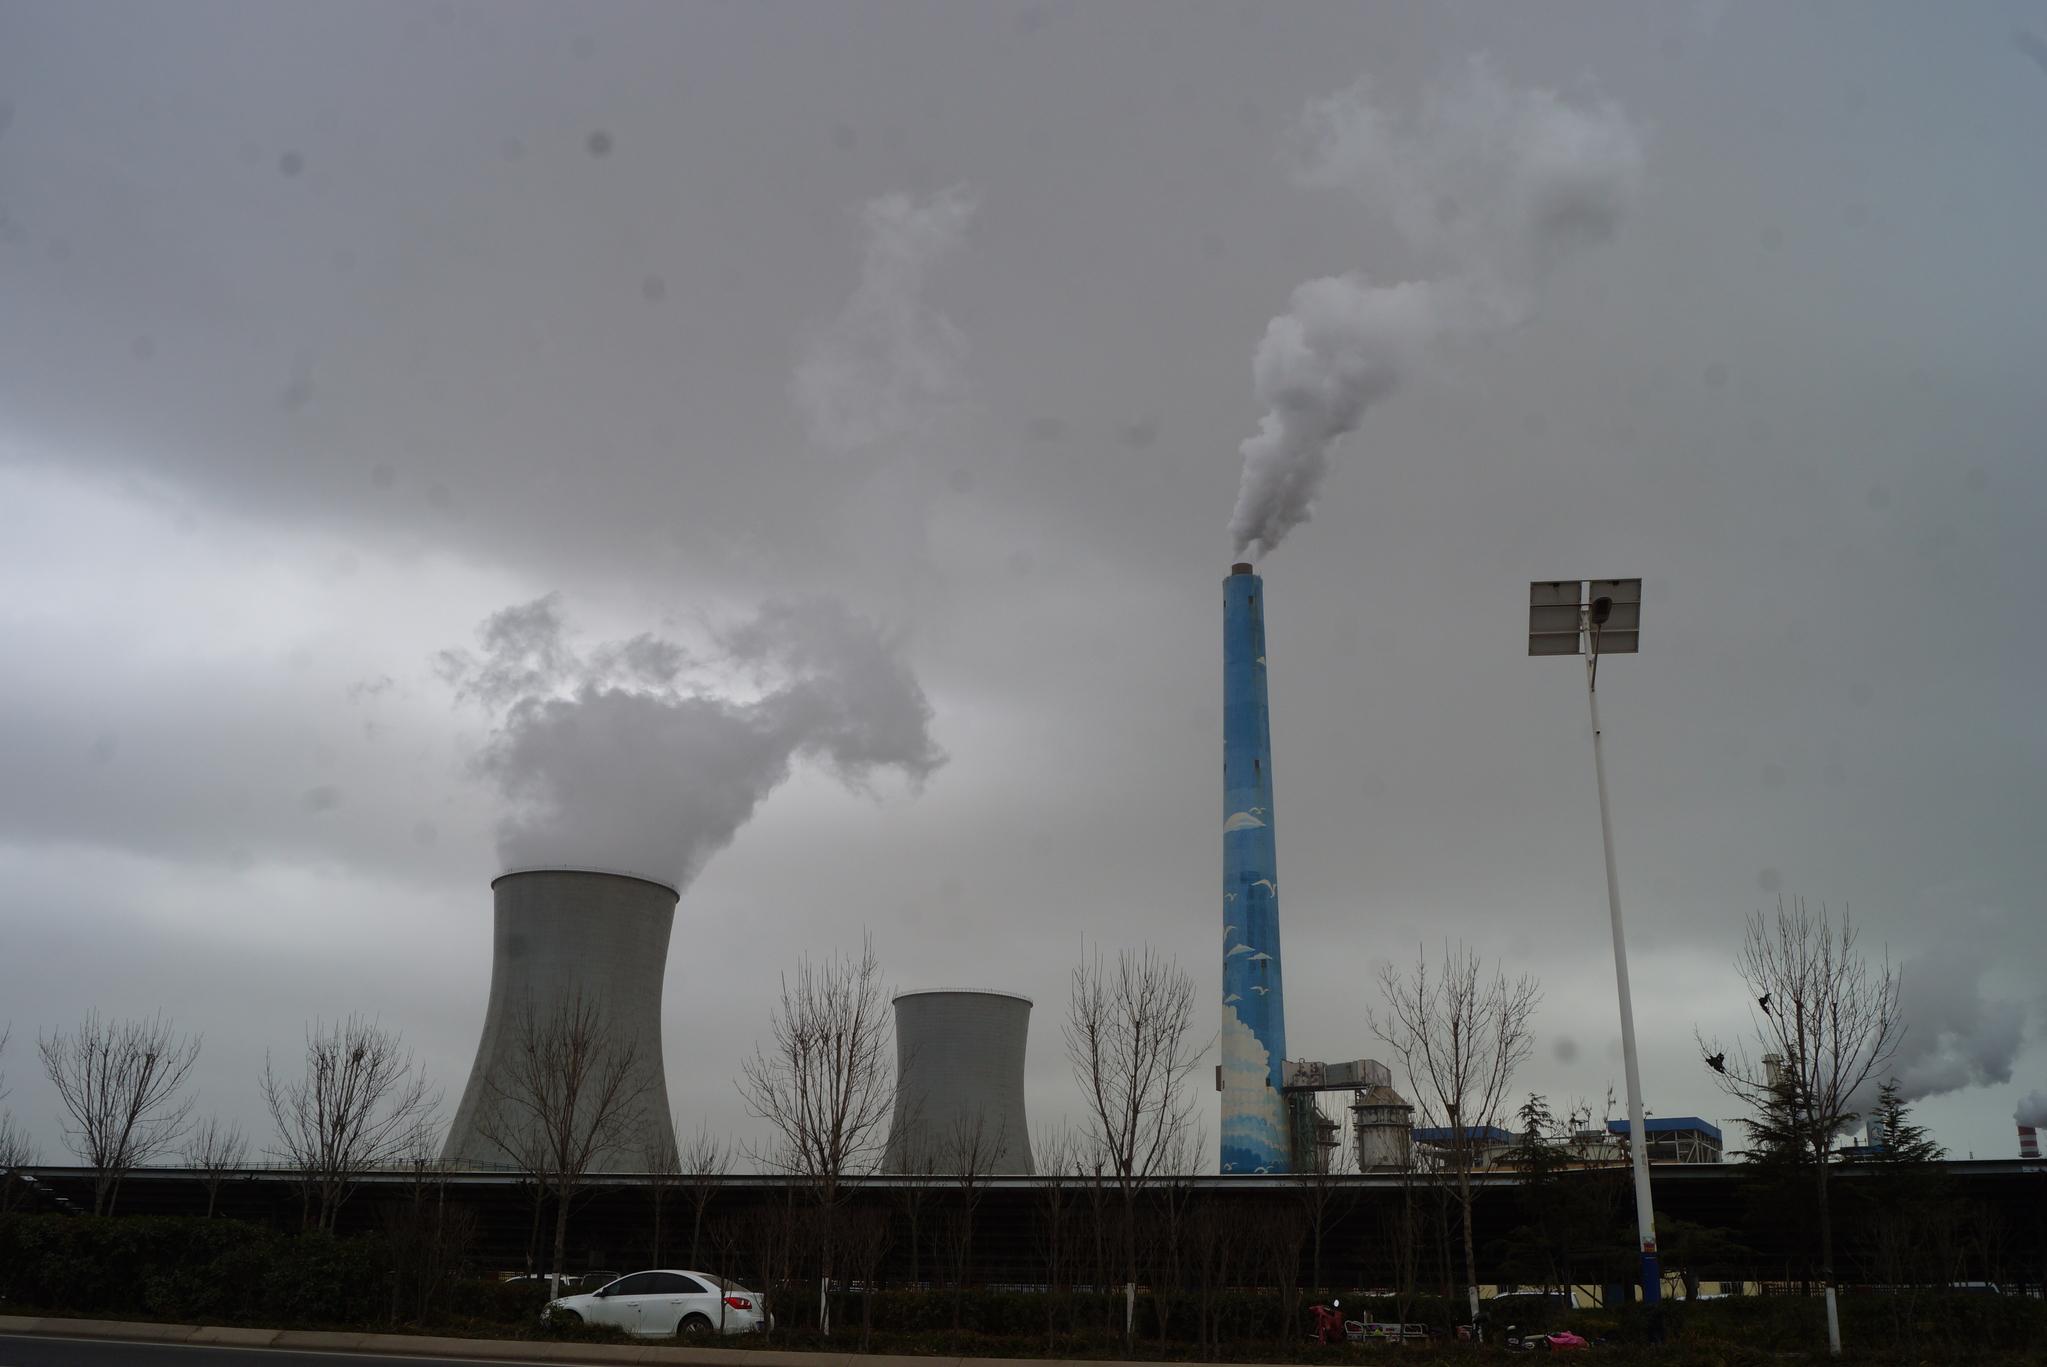 중국 산둥성 칭다오 외곽의 칭다오특수강 굴뚝에서 하얀 연기가 배출되고 있다. 칭다오=강찬수 기자